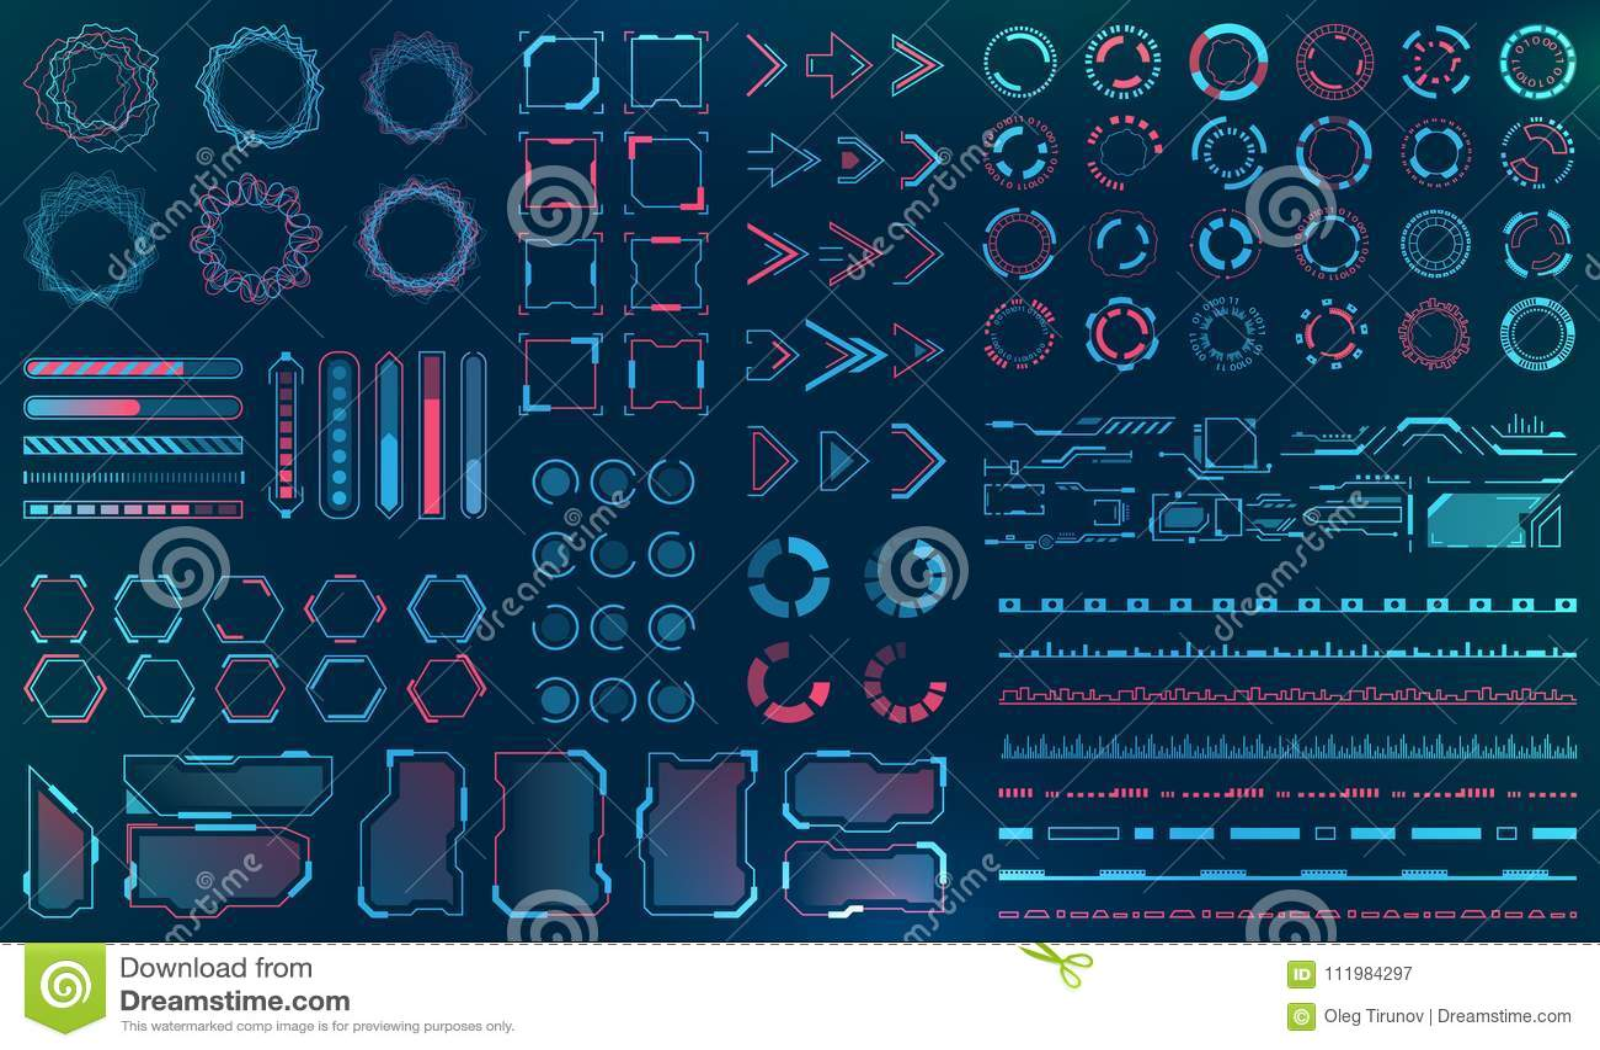 Vastgesteld HUD Interface Elements - Lijnen, Cirkels, Wijzers, Kaders, Bardownload voor Webtoepassingen